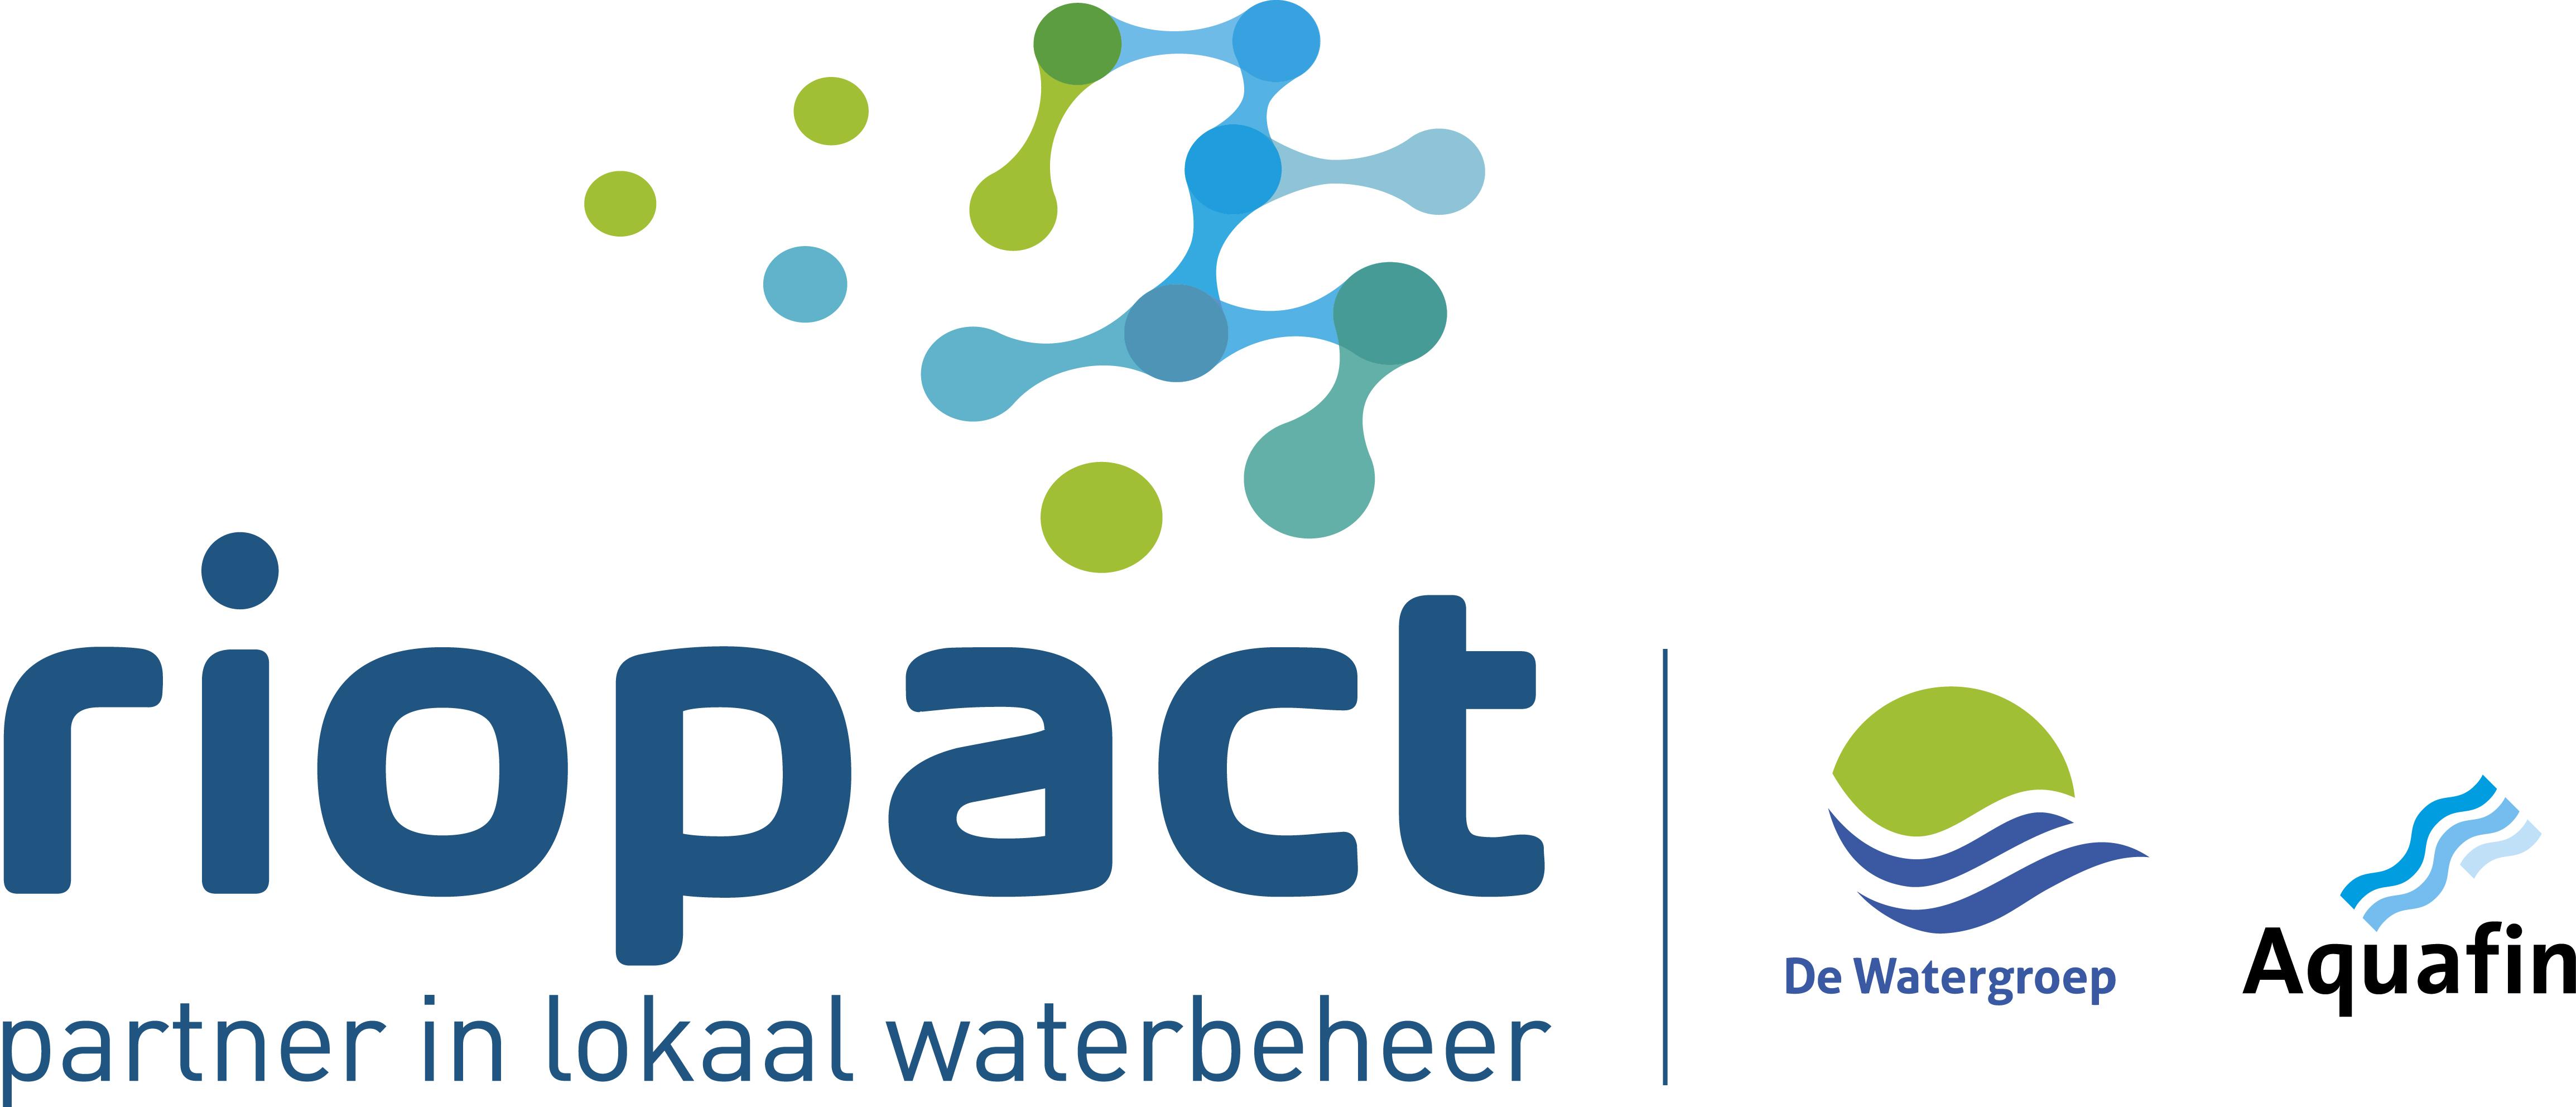 De Watergroep / RioPACT